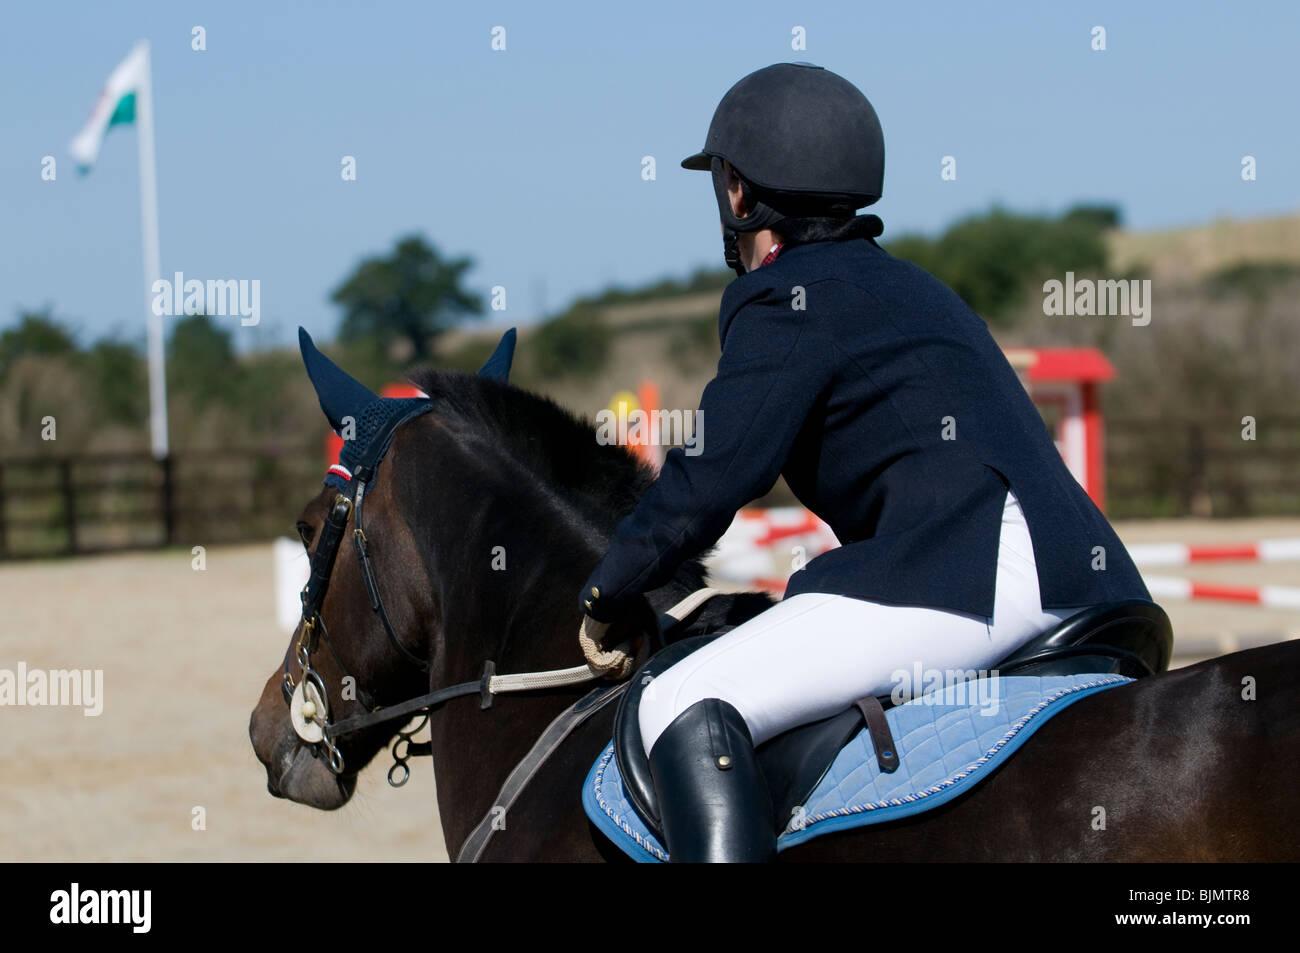 Horse rider guardando lo show jumping corso Immagini Stock